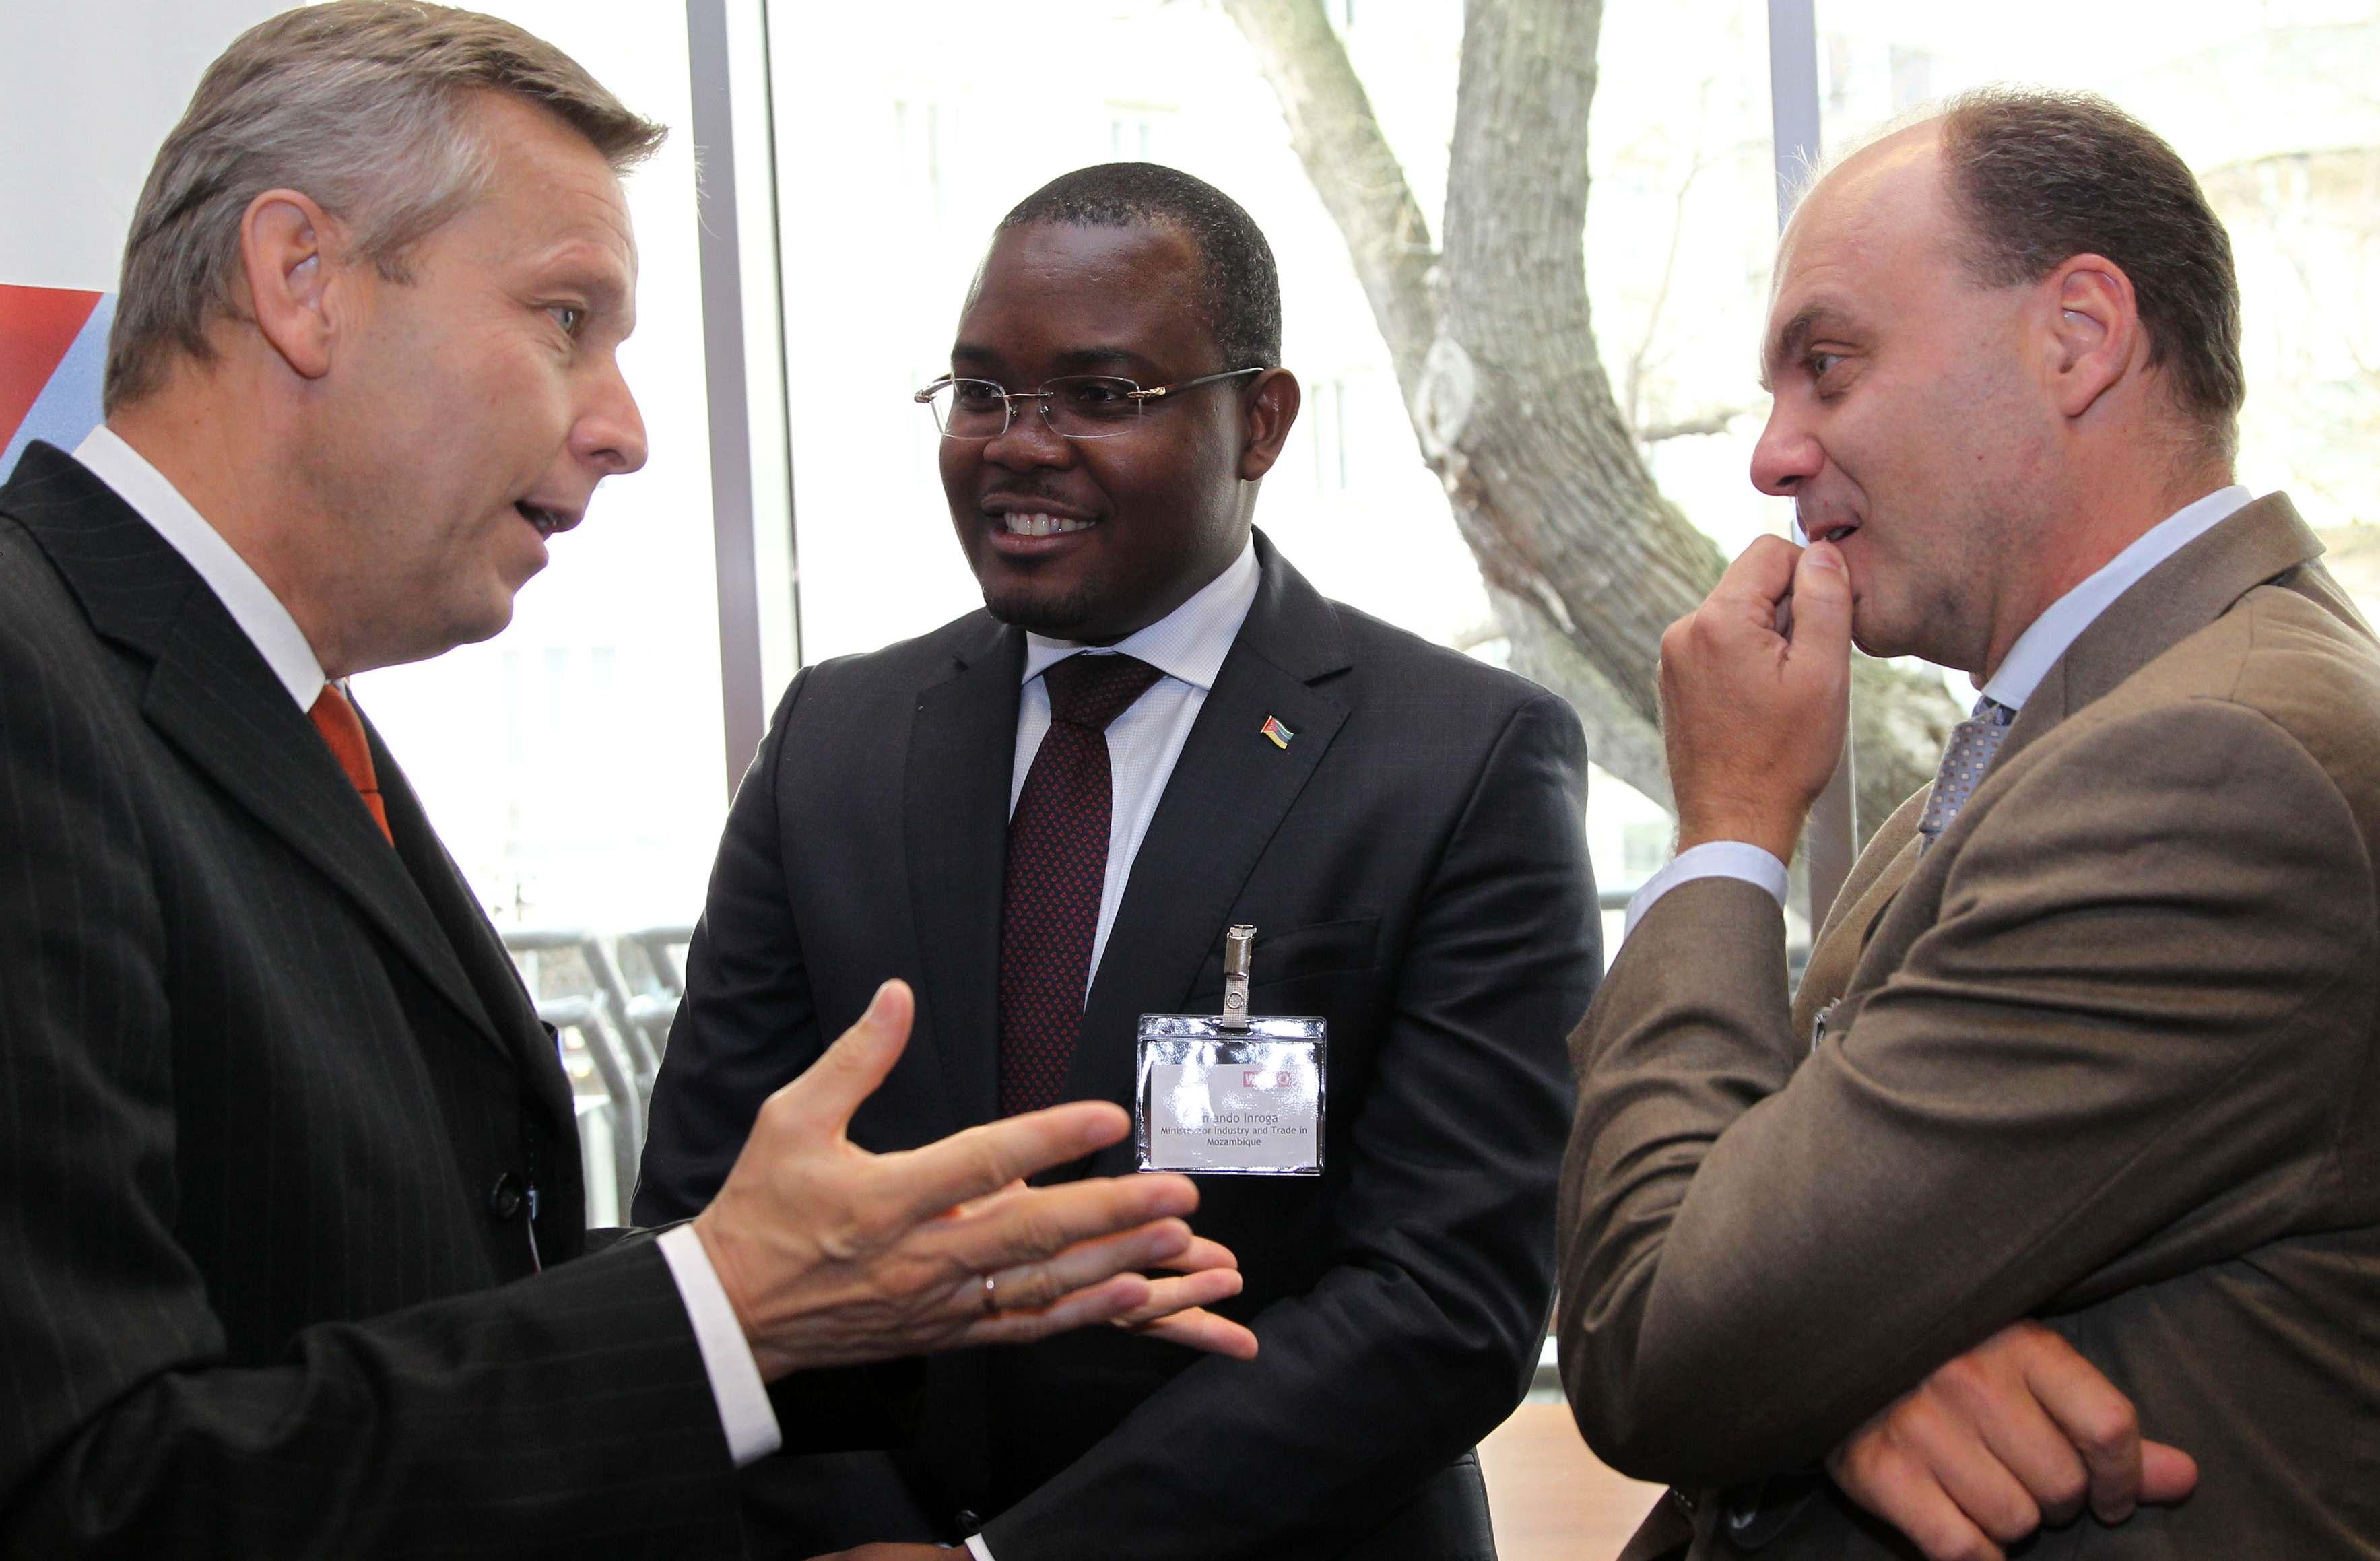 (c) BMEIA, Staatssekretär Lopatka im Gespräch mit dem mosambikanischen Industrie- und Handelsministers Armando Inroga  und dem Leiter der Aussenwirtschaftscenters in Johannesburg Johannes Brunner